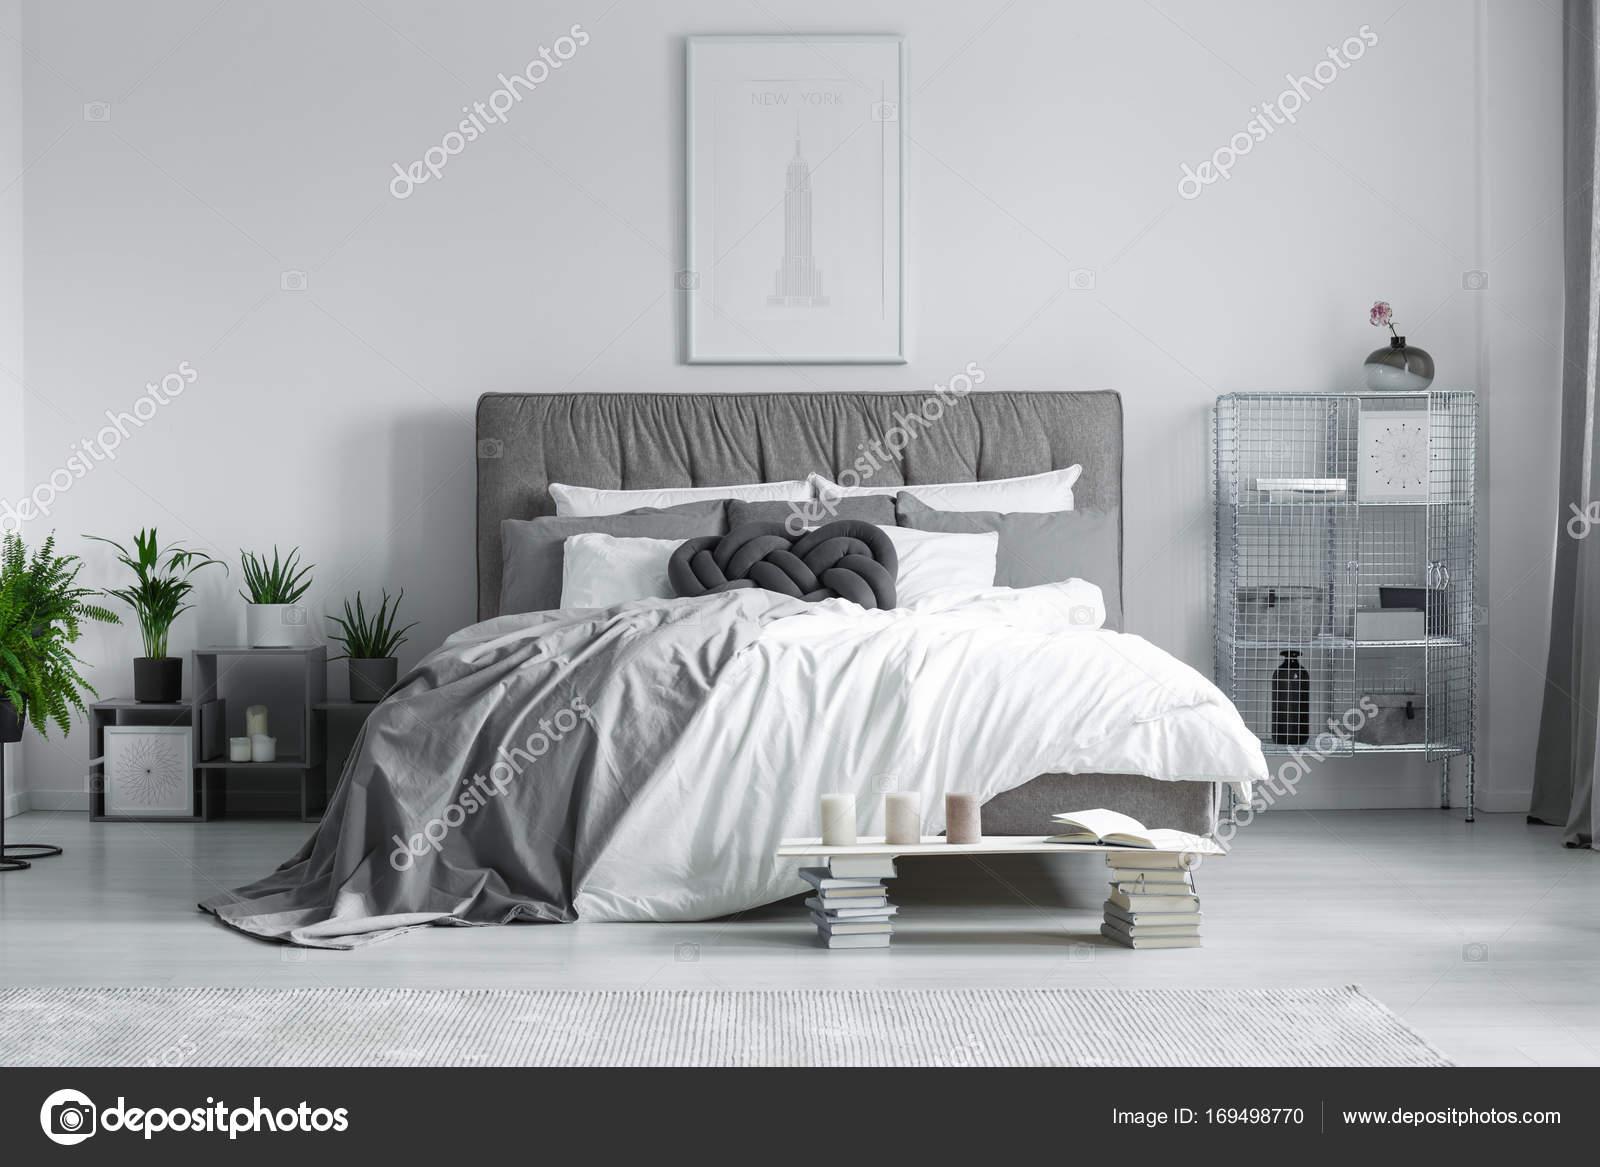 Letto king size nella camera da letto — Foto Stock © photographee.eu ...